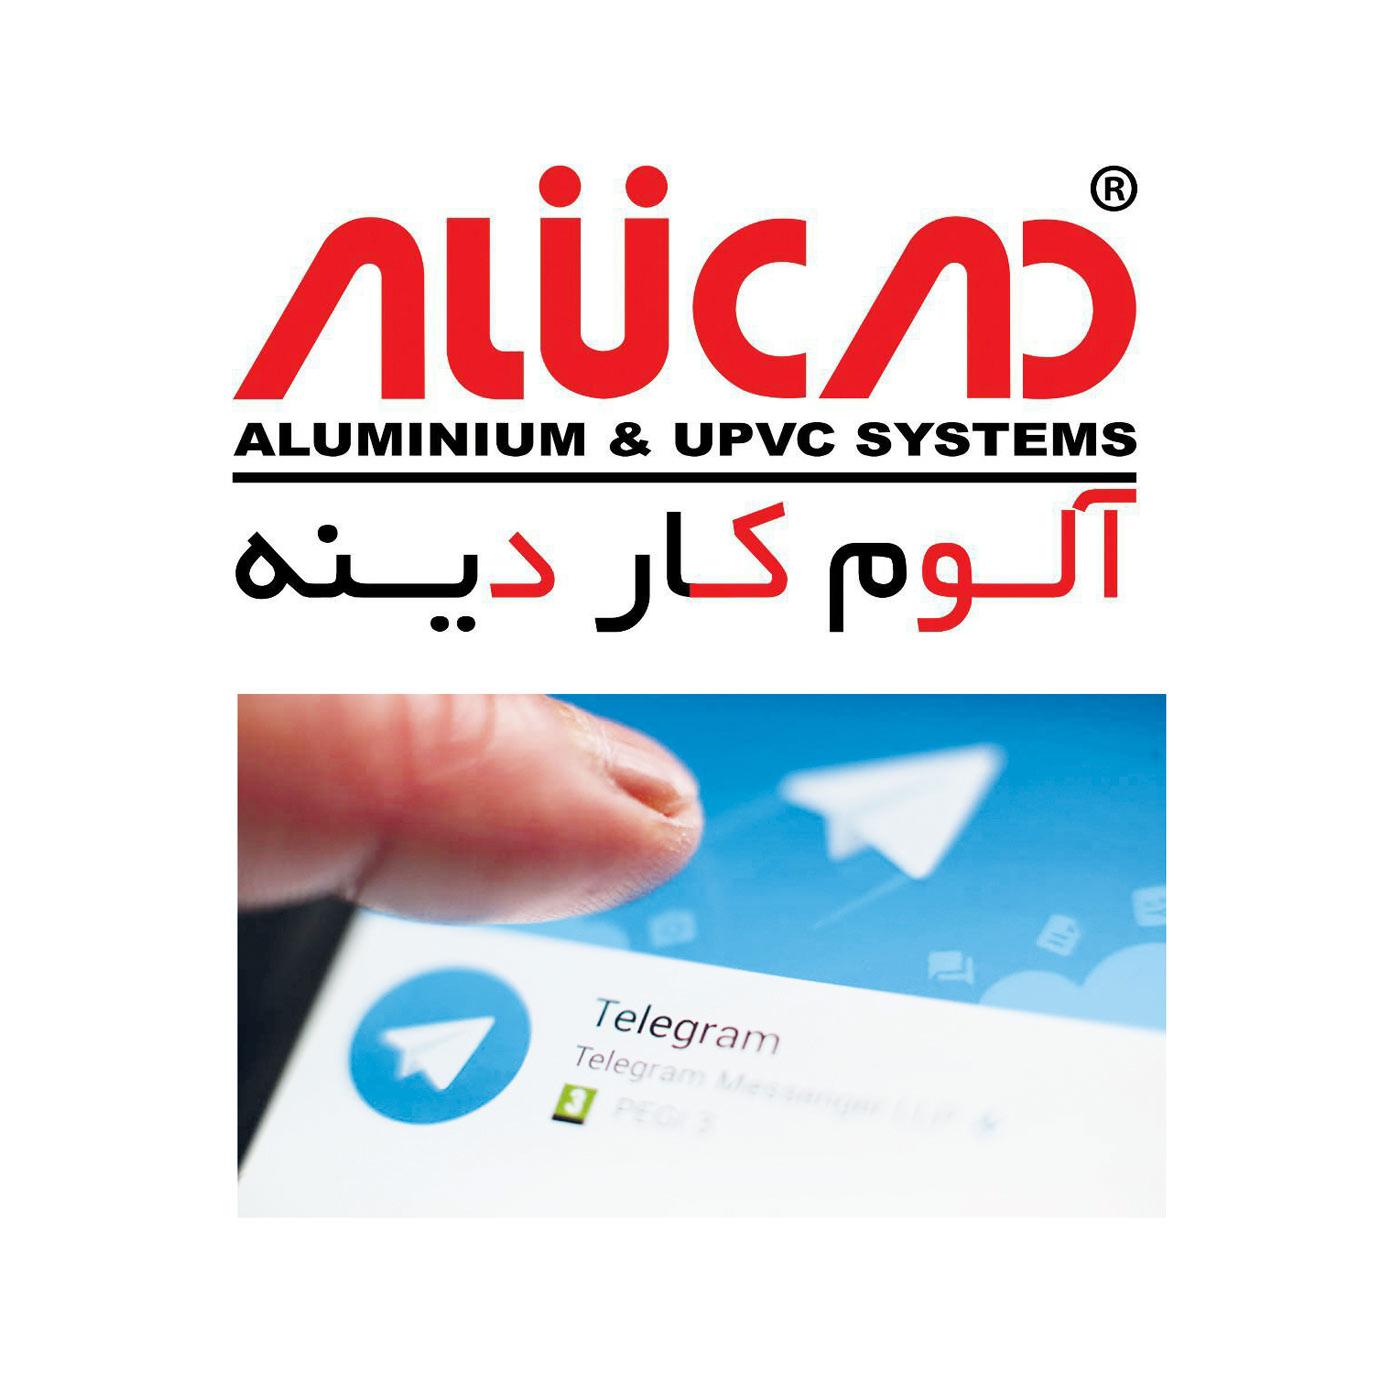 ارائه مطالب آموزشی توسط شرکت آلوم کار دینه (آلوکد) در فضای مجازی